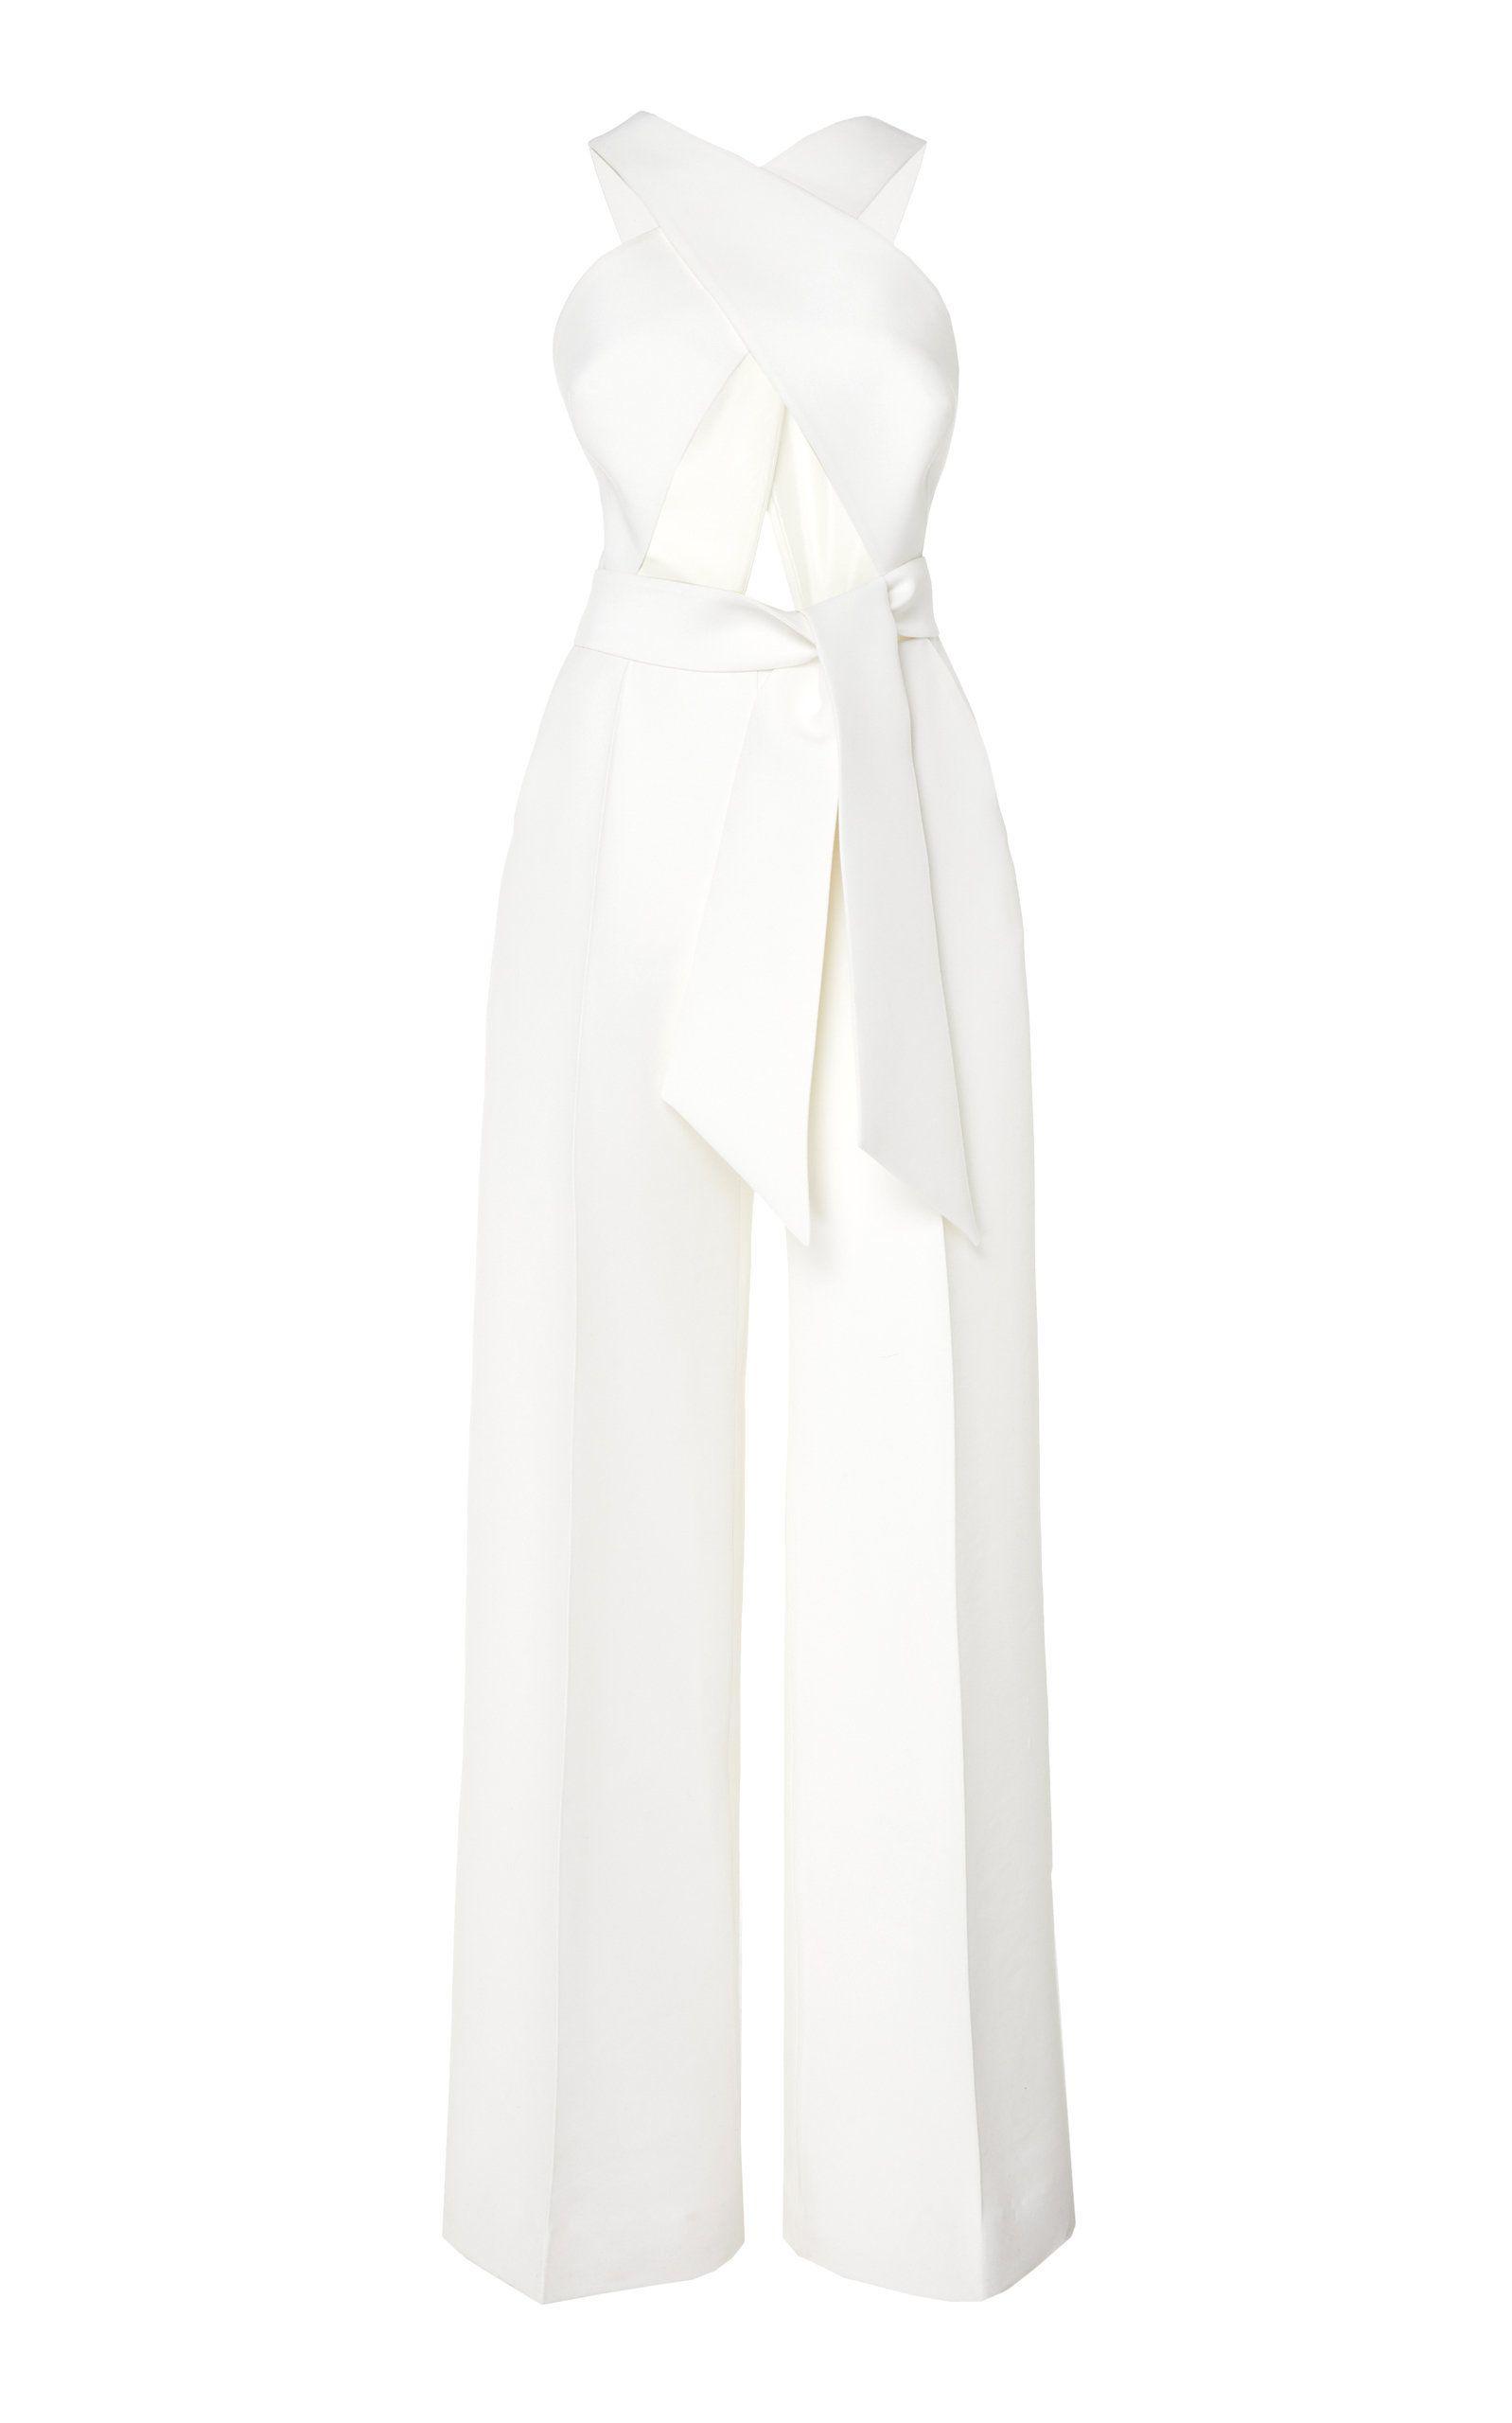 73b7628cf7ab Best Bridal Jumpsuits - The Best Bridal Jumpsuits to Shop Now